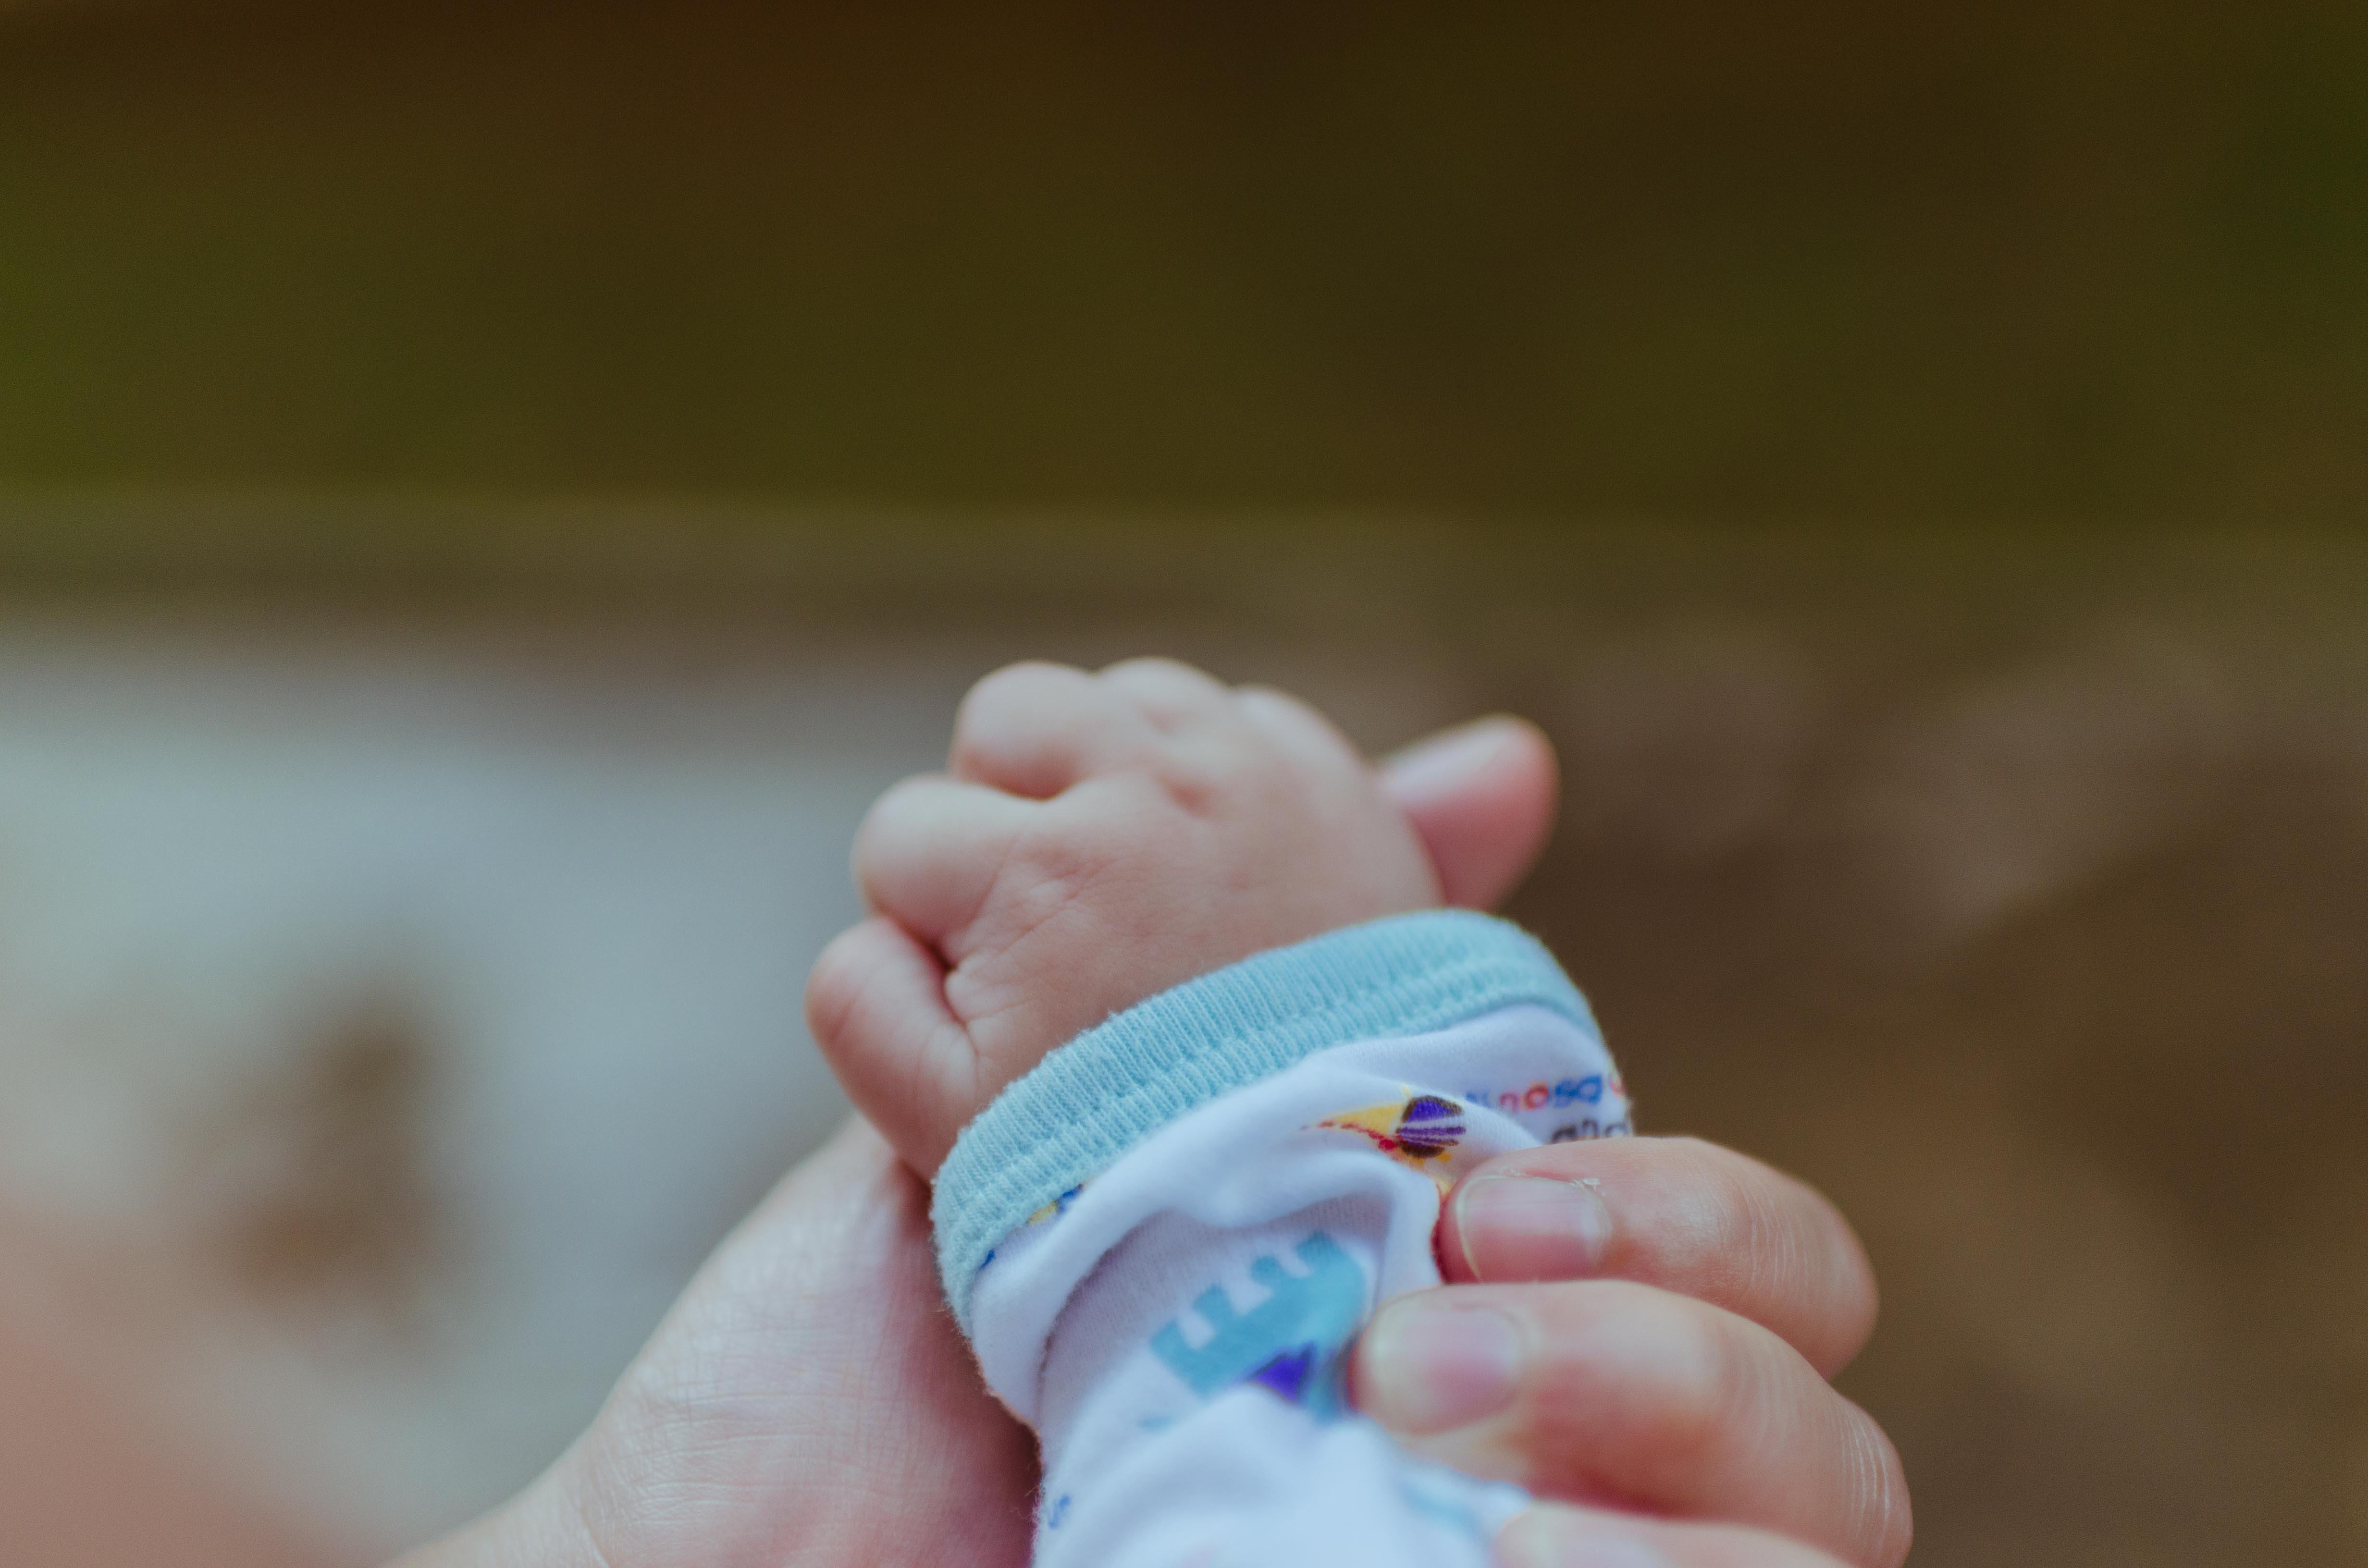 Papà fa nascere bambino guidato al telefono dal 118: piccolo e mamma stanno bene